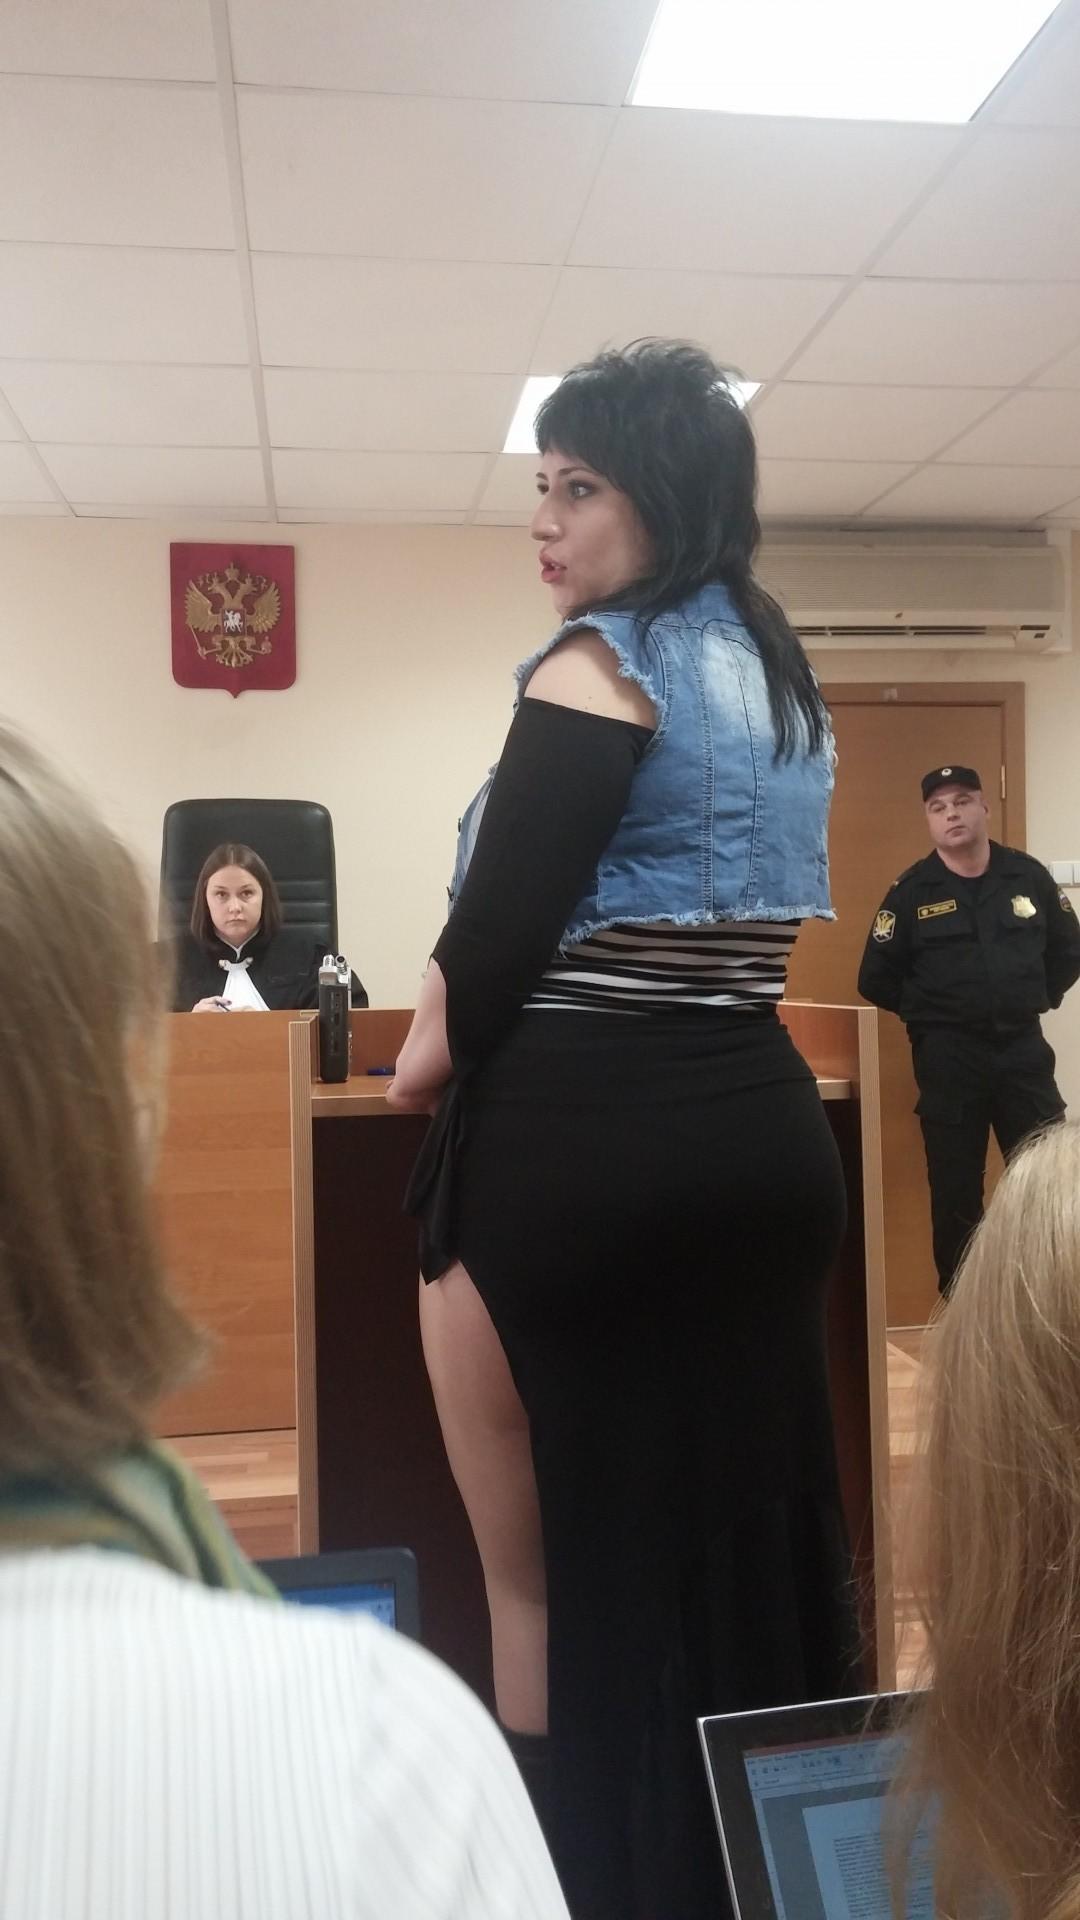 Что сегодня мне суды и заседанья 1 фотография